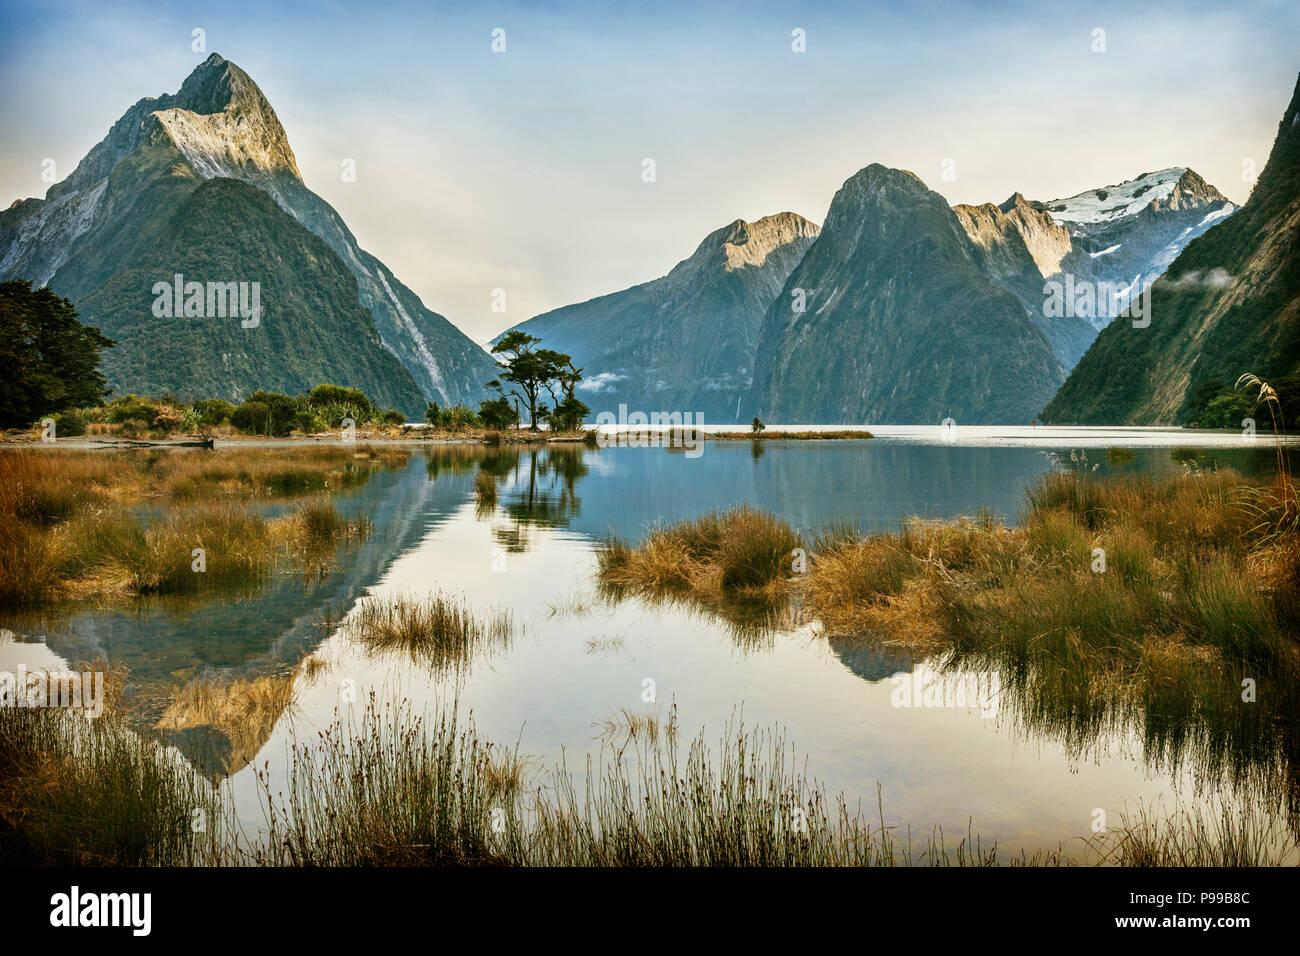 Mitre Peak, Milford Sound, Parco Nazionale di Fiordland,Nuova Zelanda. Famosa in tutto il mondo Milford Sound è una icona della Nuova Zelanda e un Sito Patrimonio Mondiale dell'UNESCO, Foto Stock